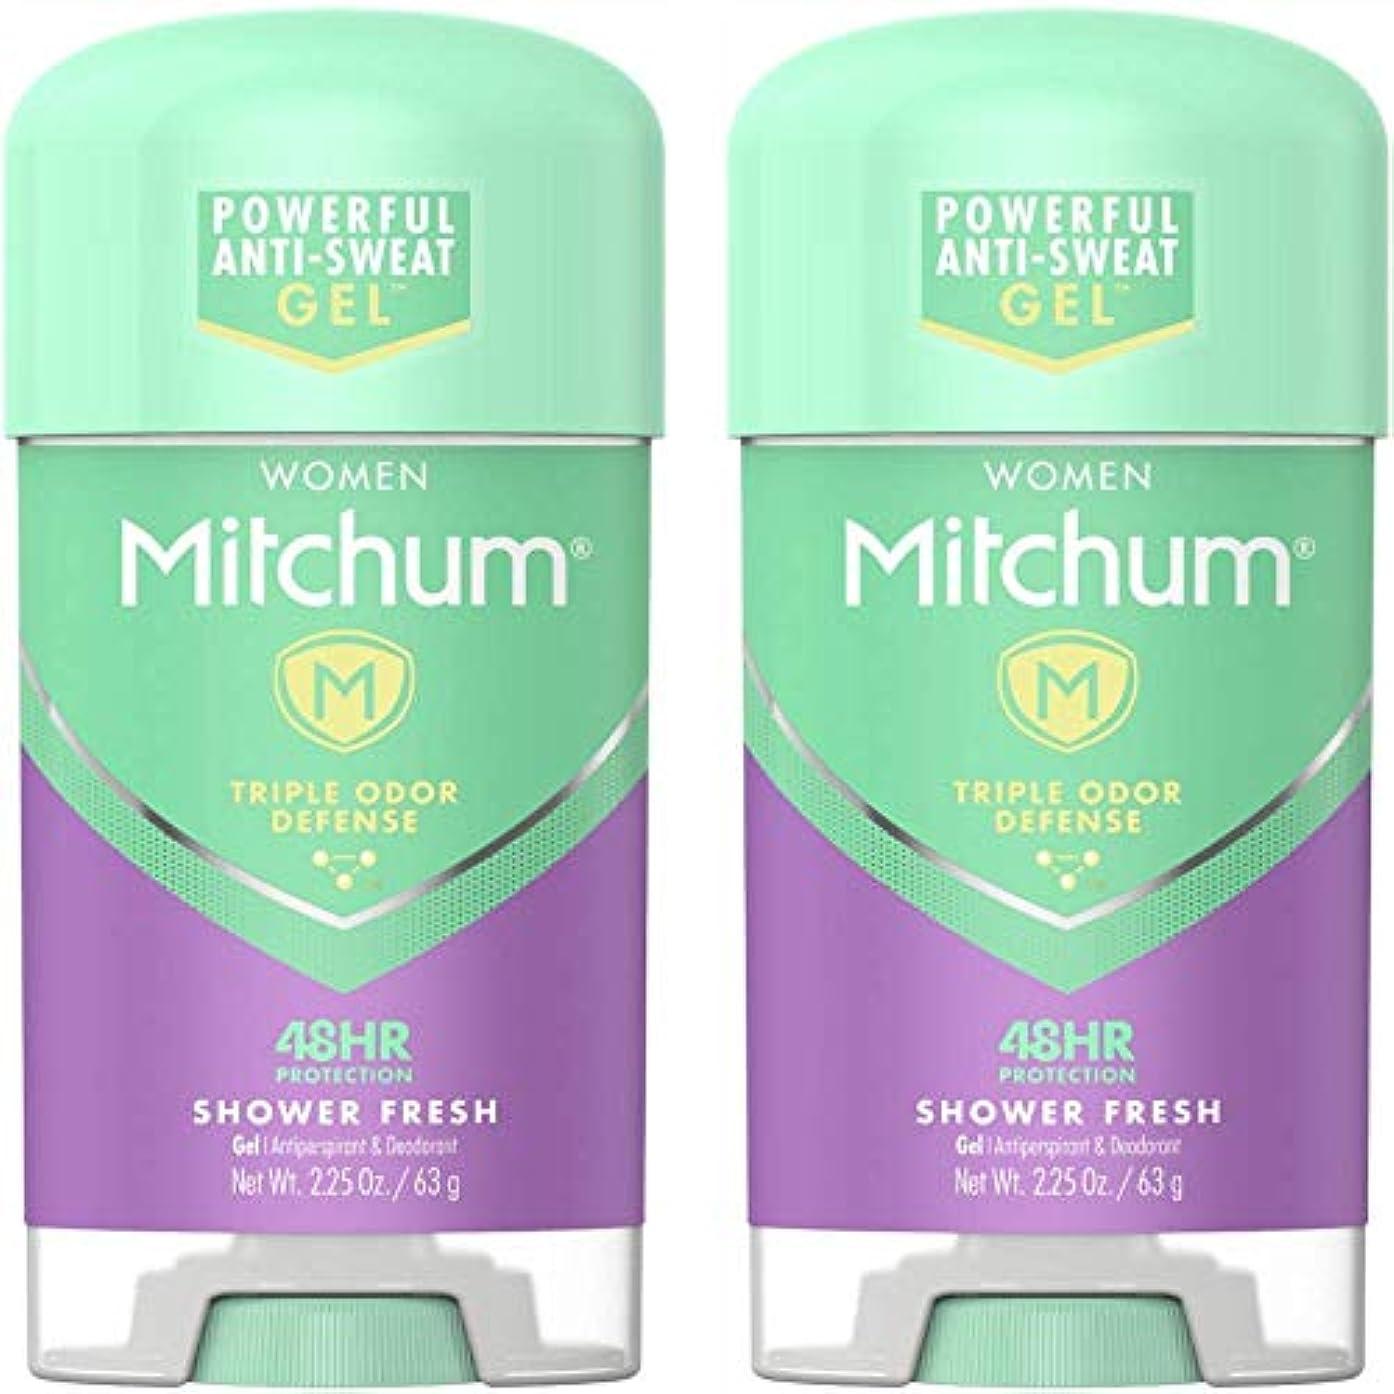 爆発するオーディションMitchum Power Gel Shower Fresh